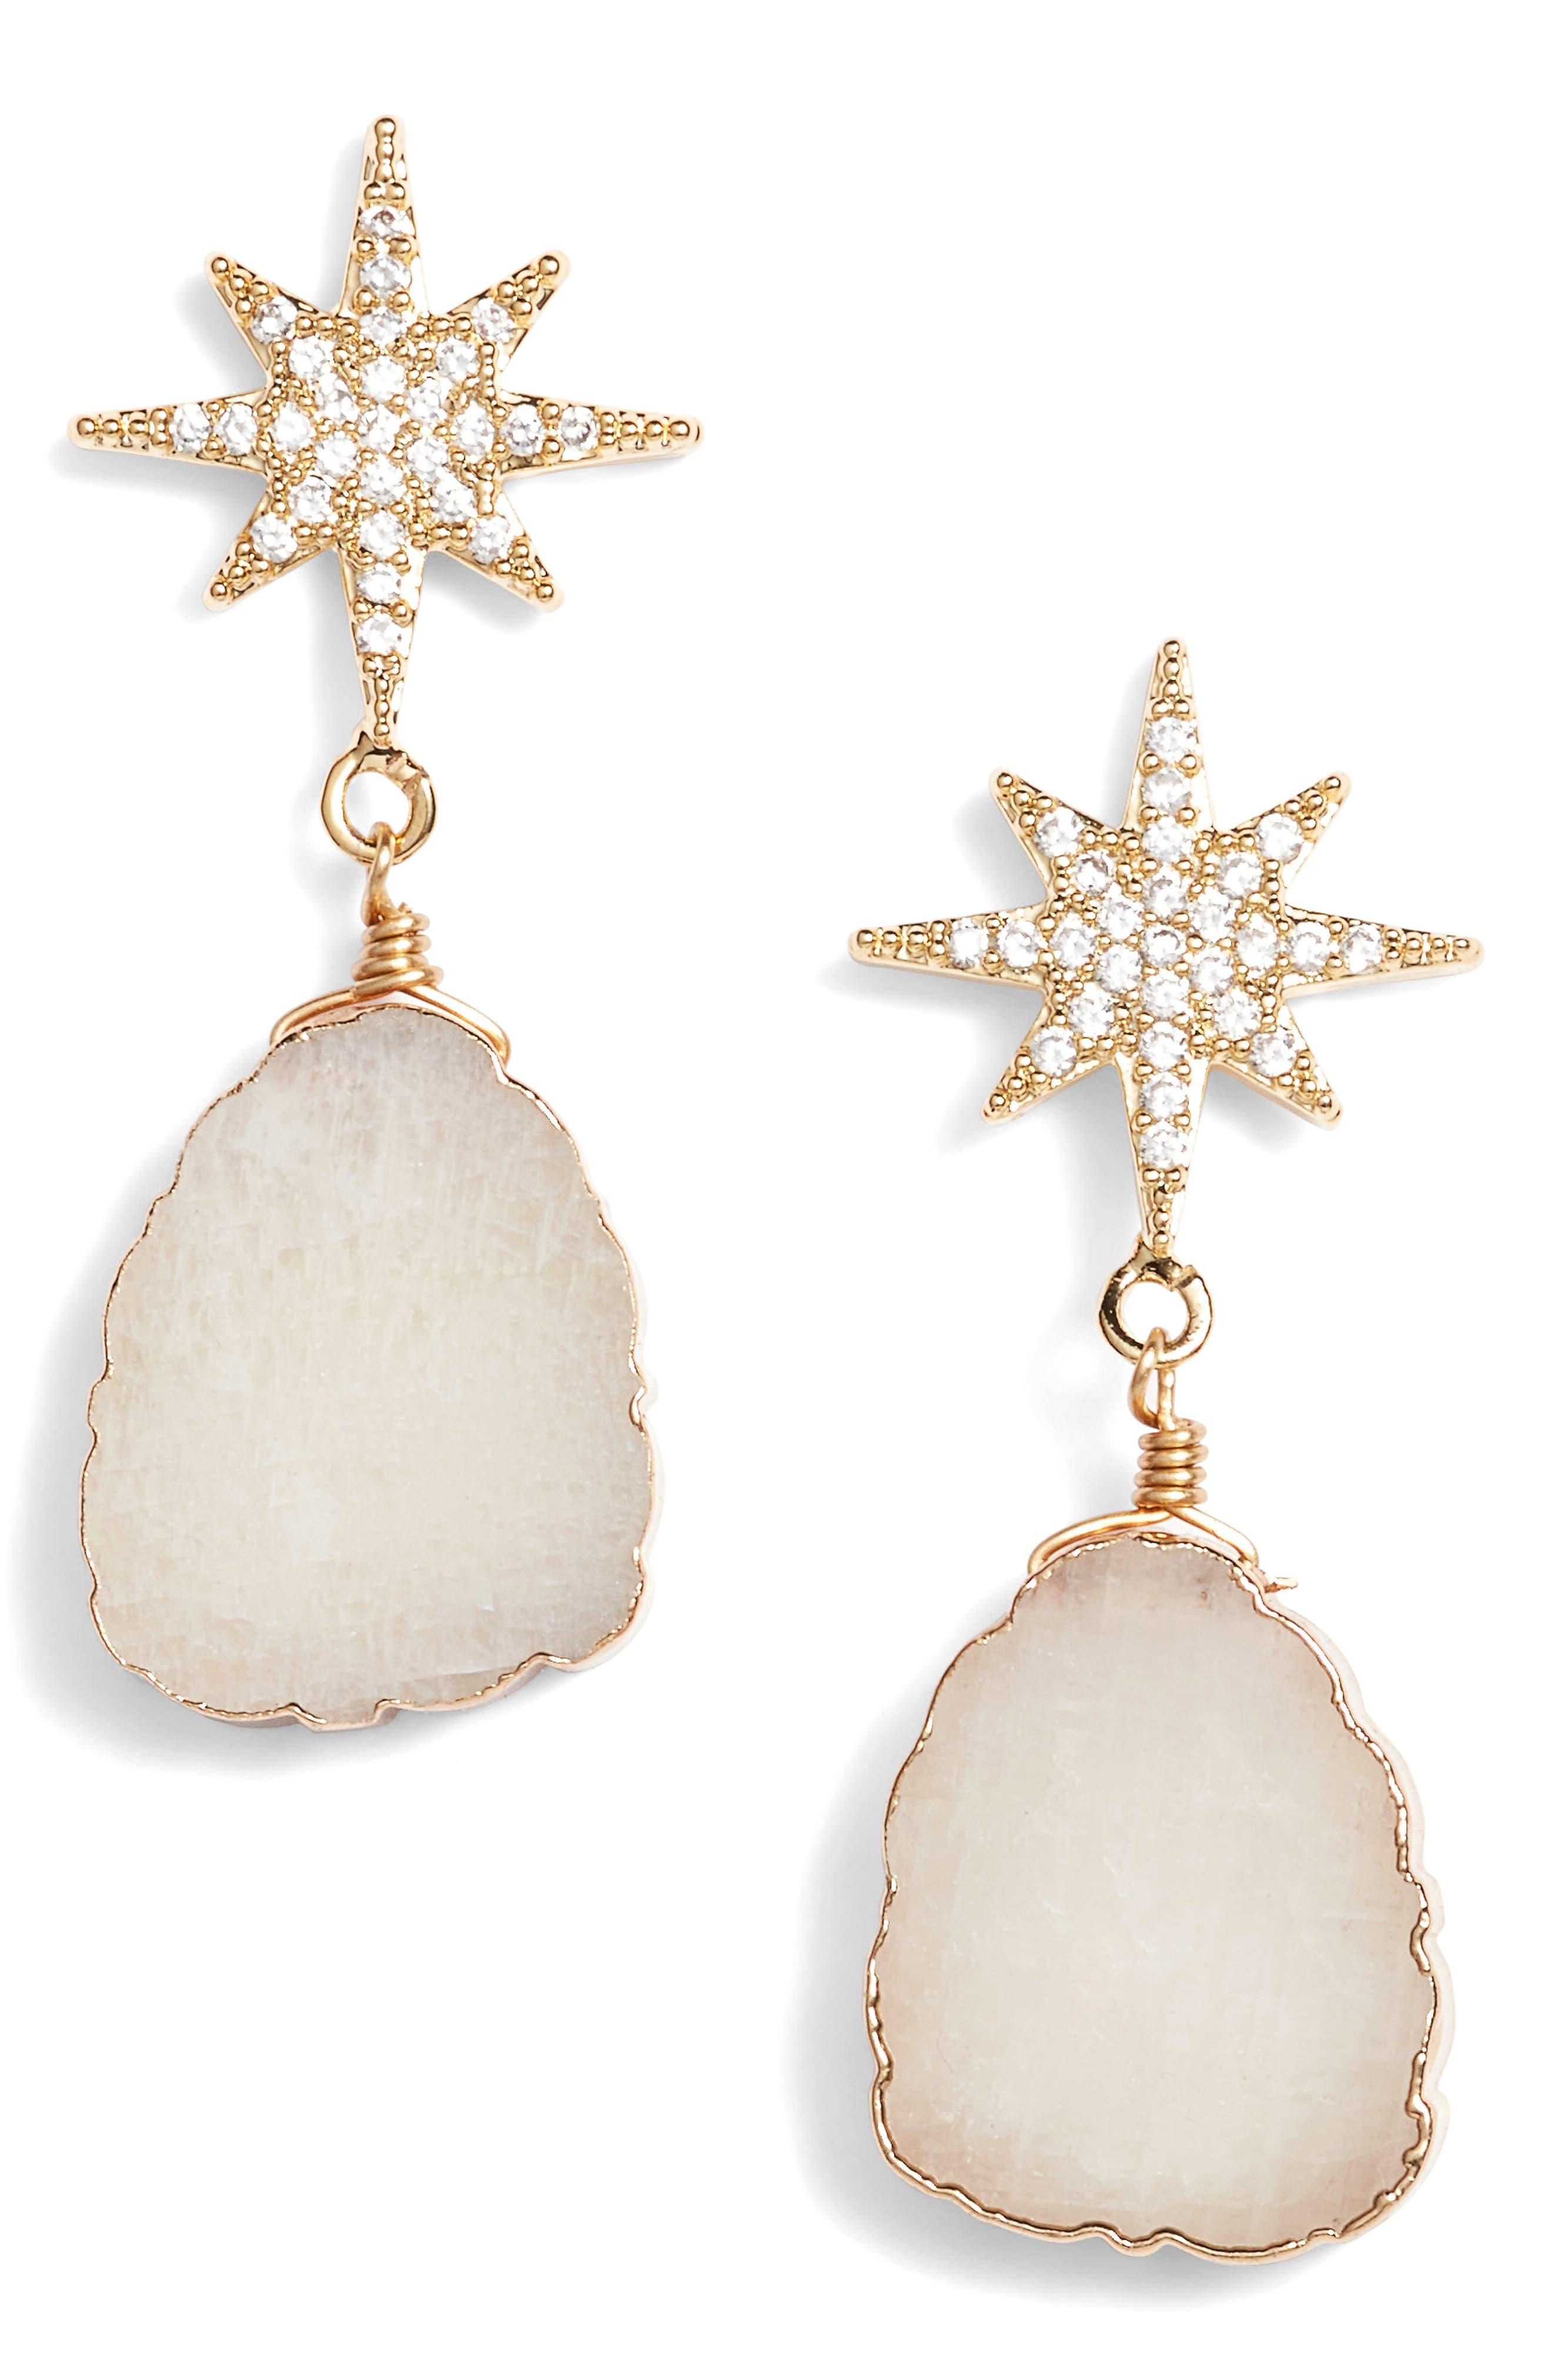 Starburst Slice Earrings,                         Main,                         color, Gold/ White